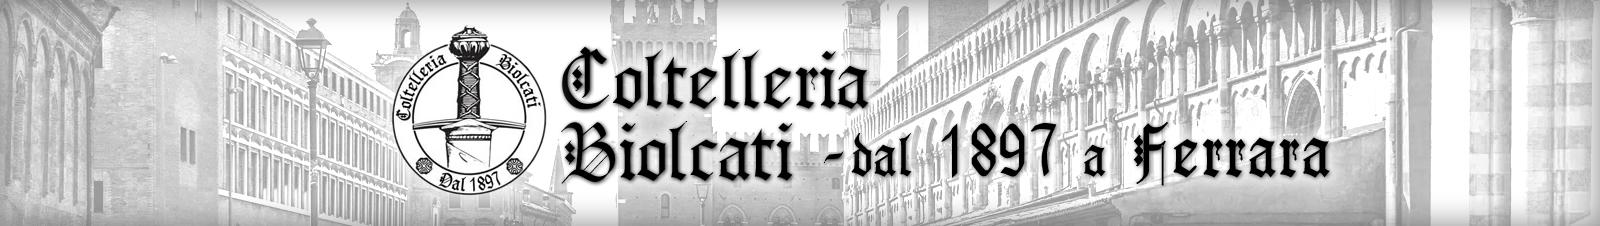 Coltelleria Biolcati a Ferrara